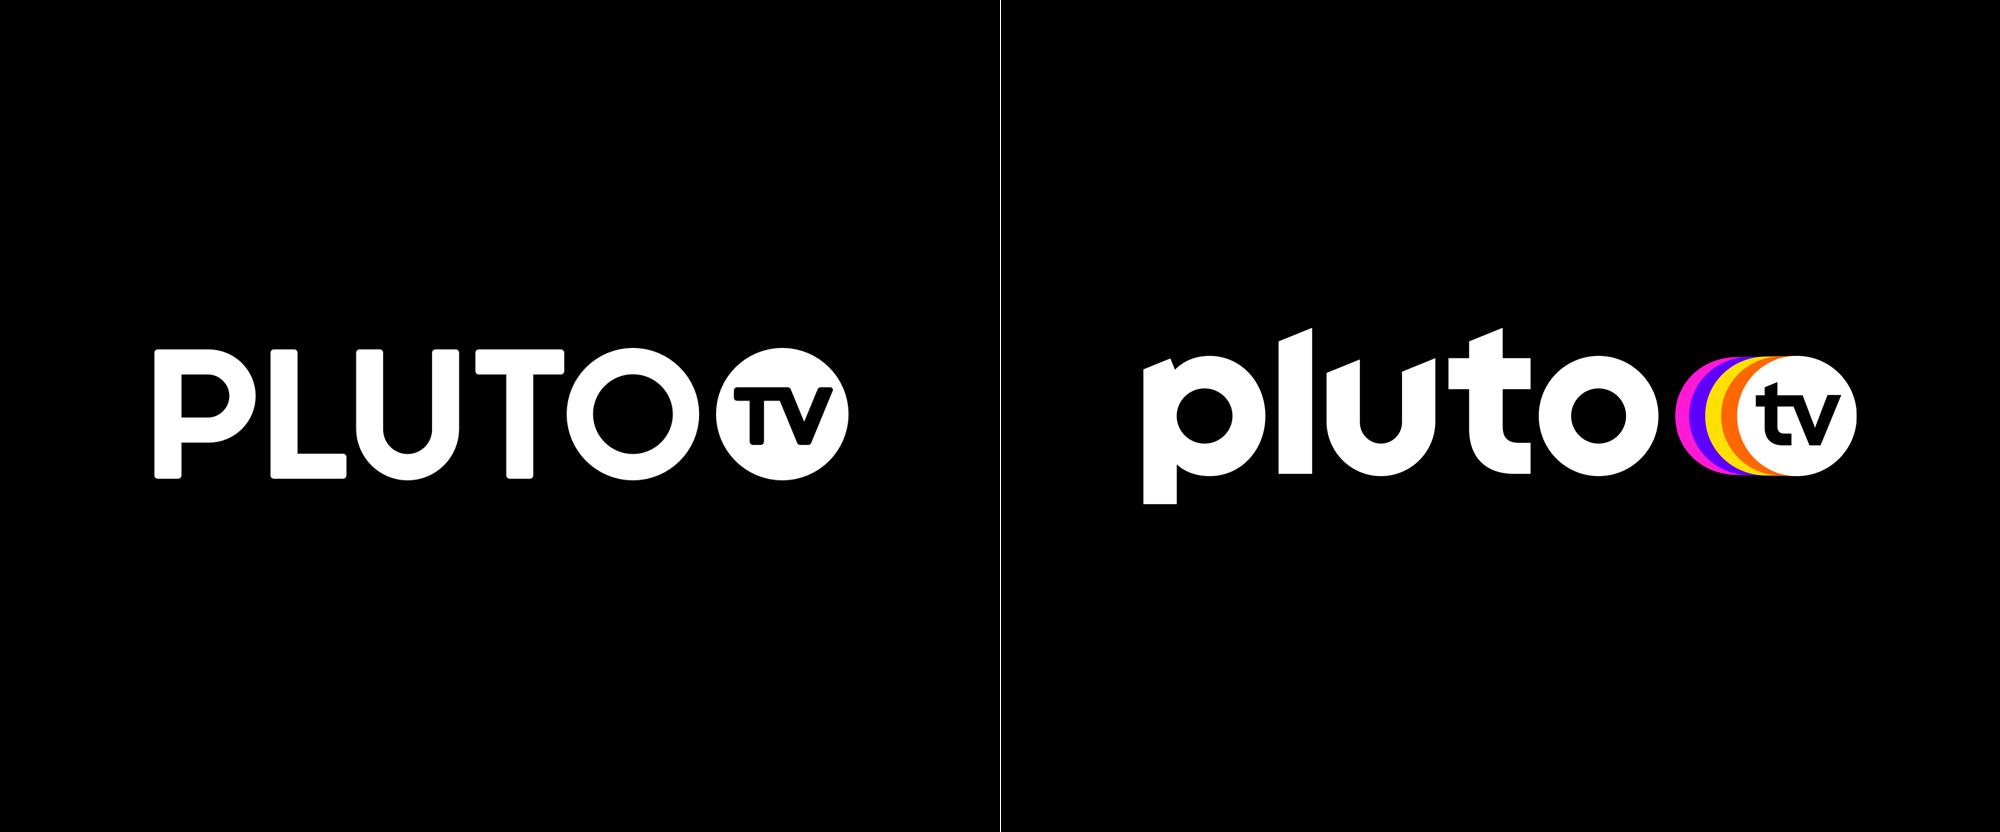 New Logo for Pluto TV